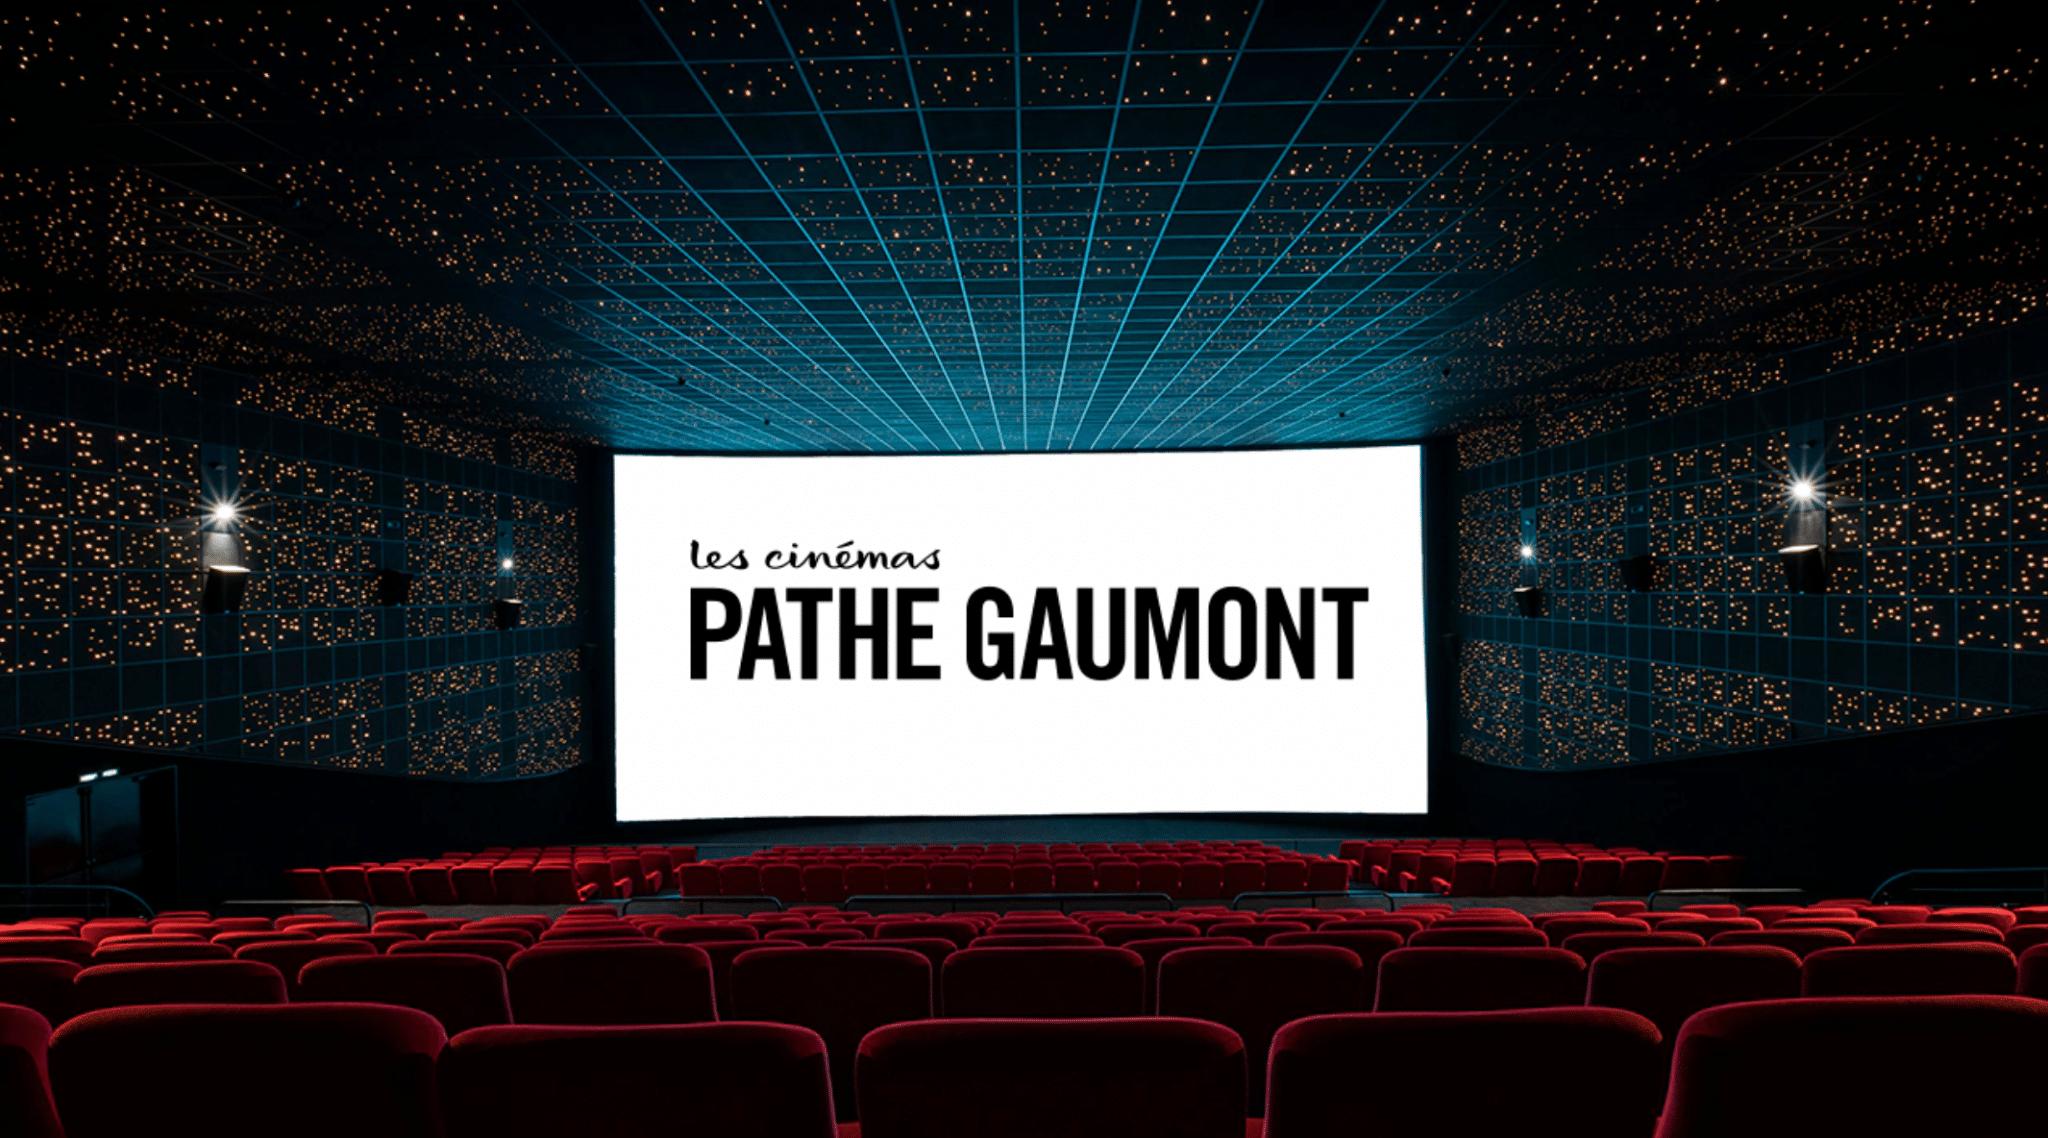 pathé gaumont place 8,99 euros paris réouverture cinémas france